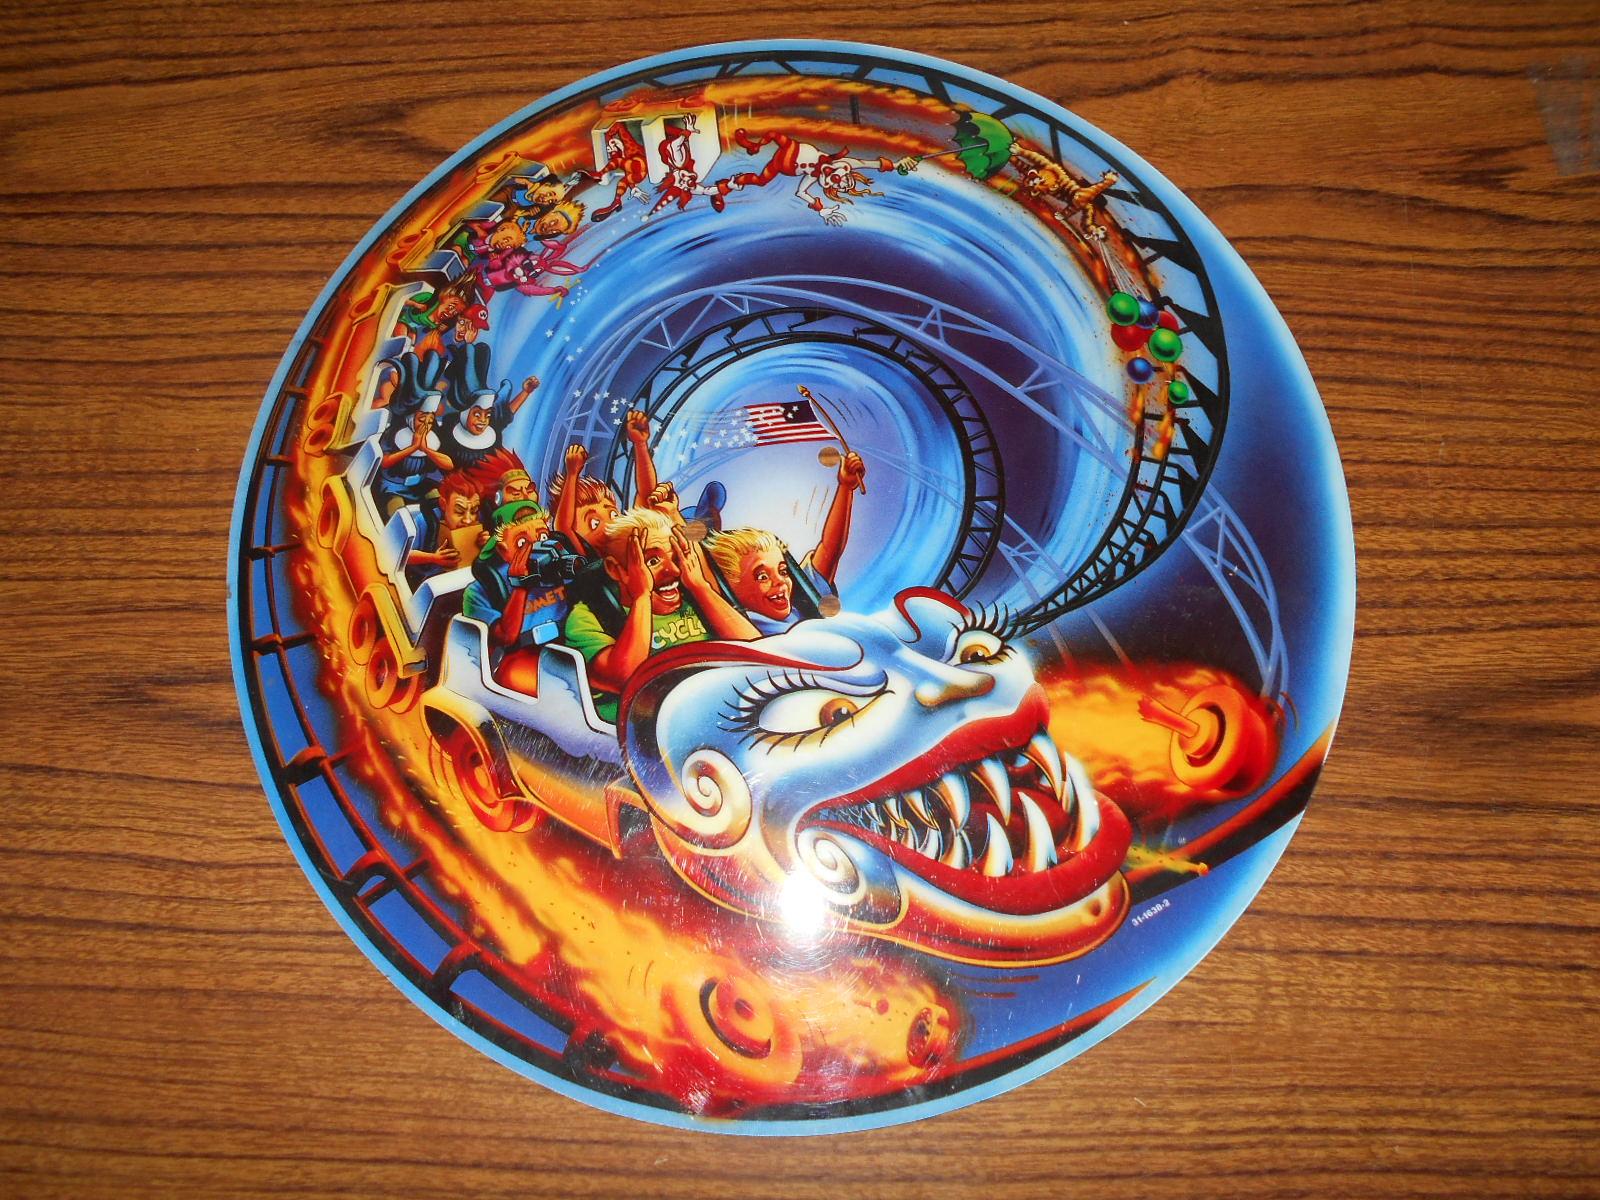 Hurricane Pinball Machine Game Screened Art Spinning Disc